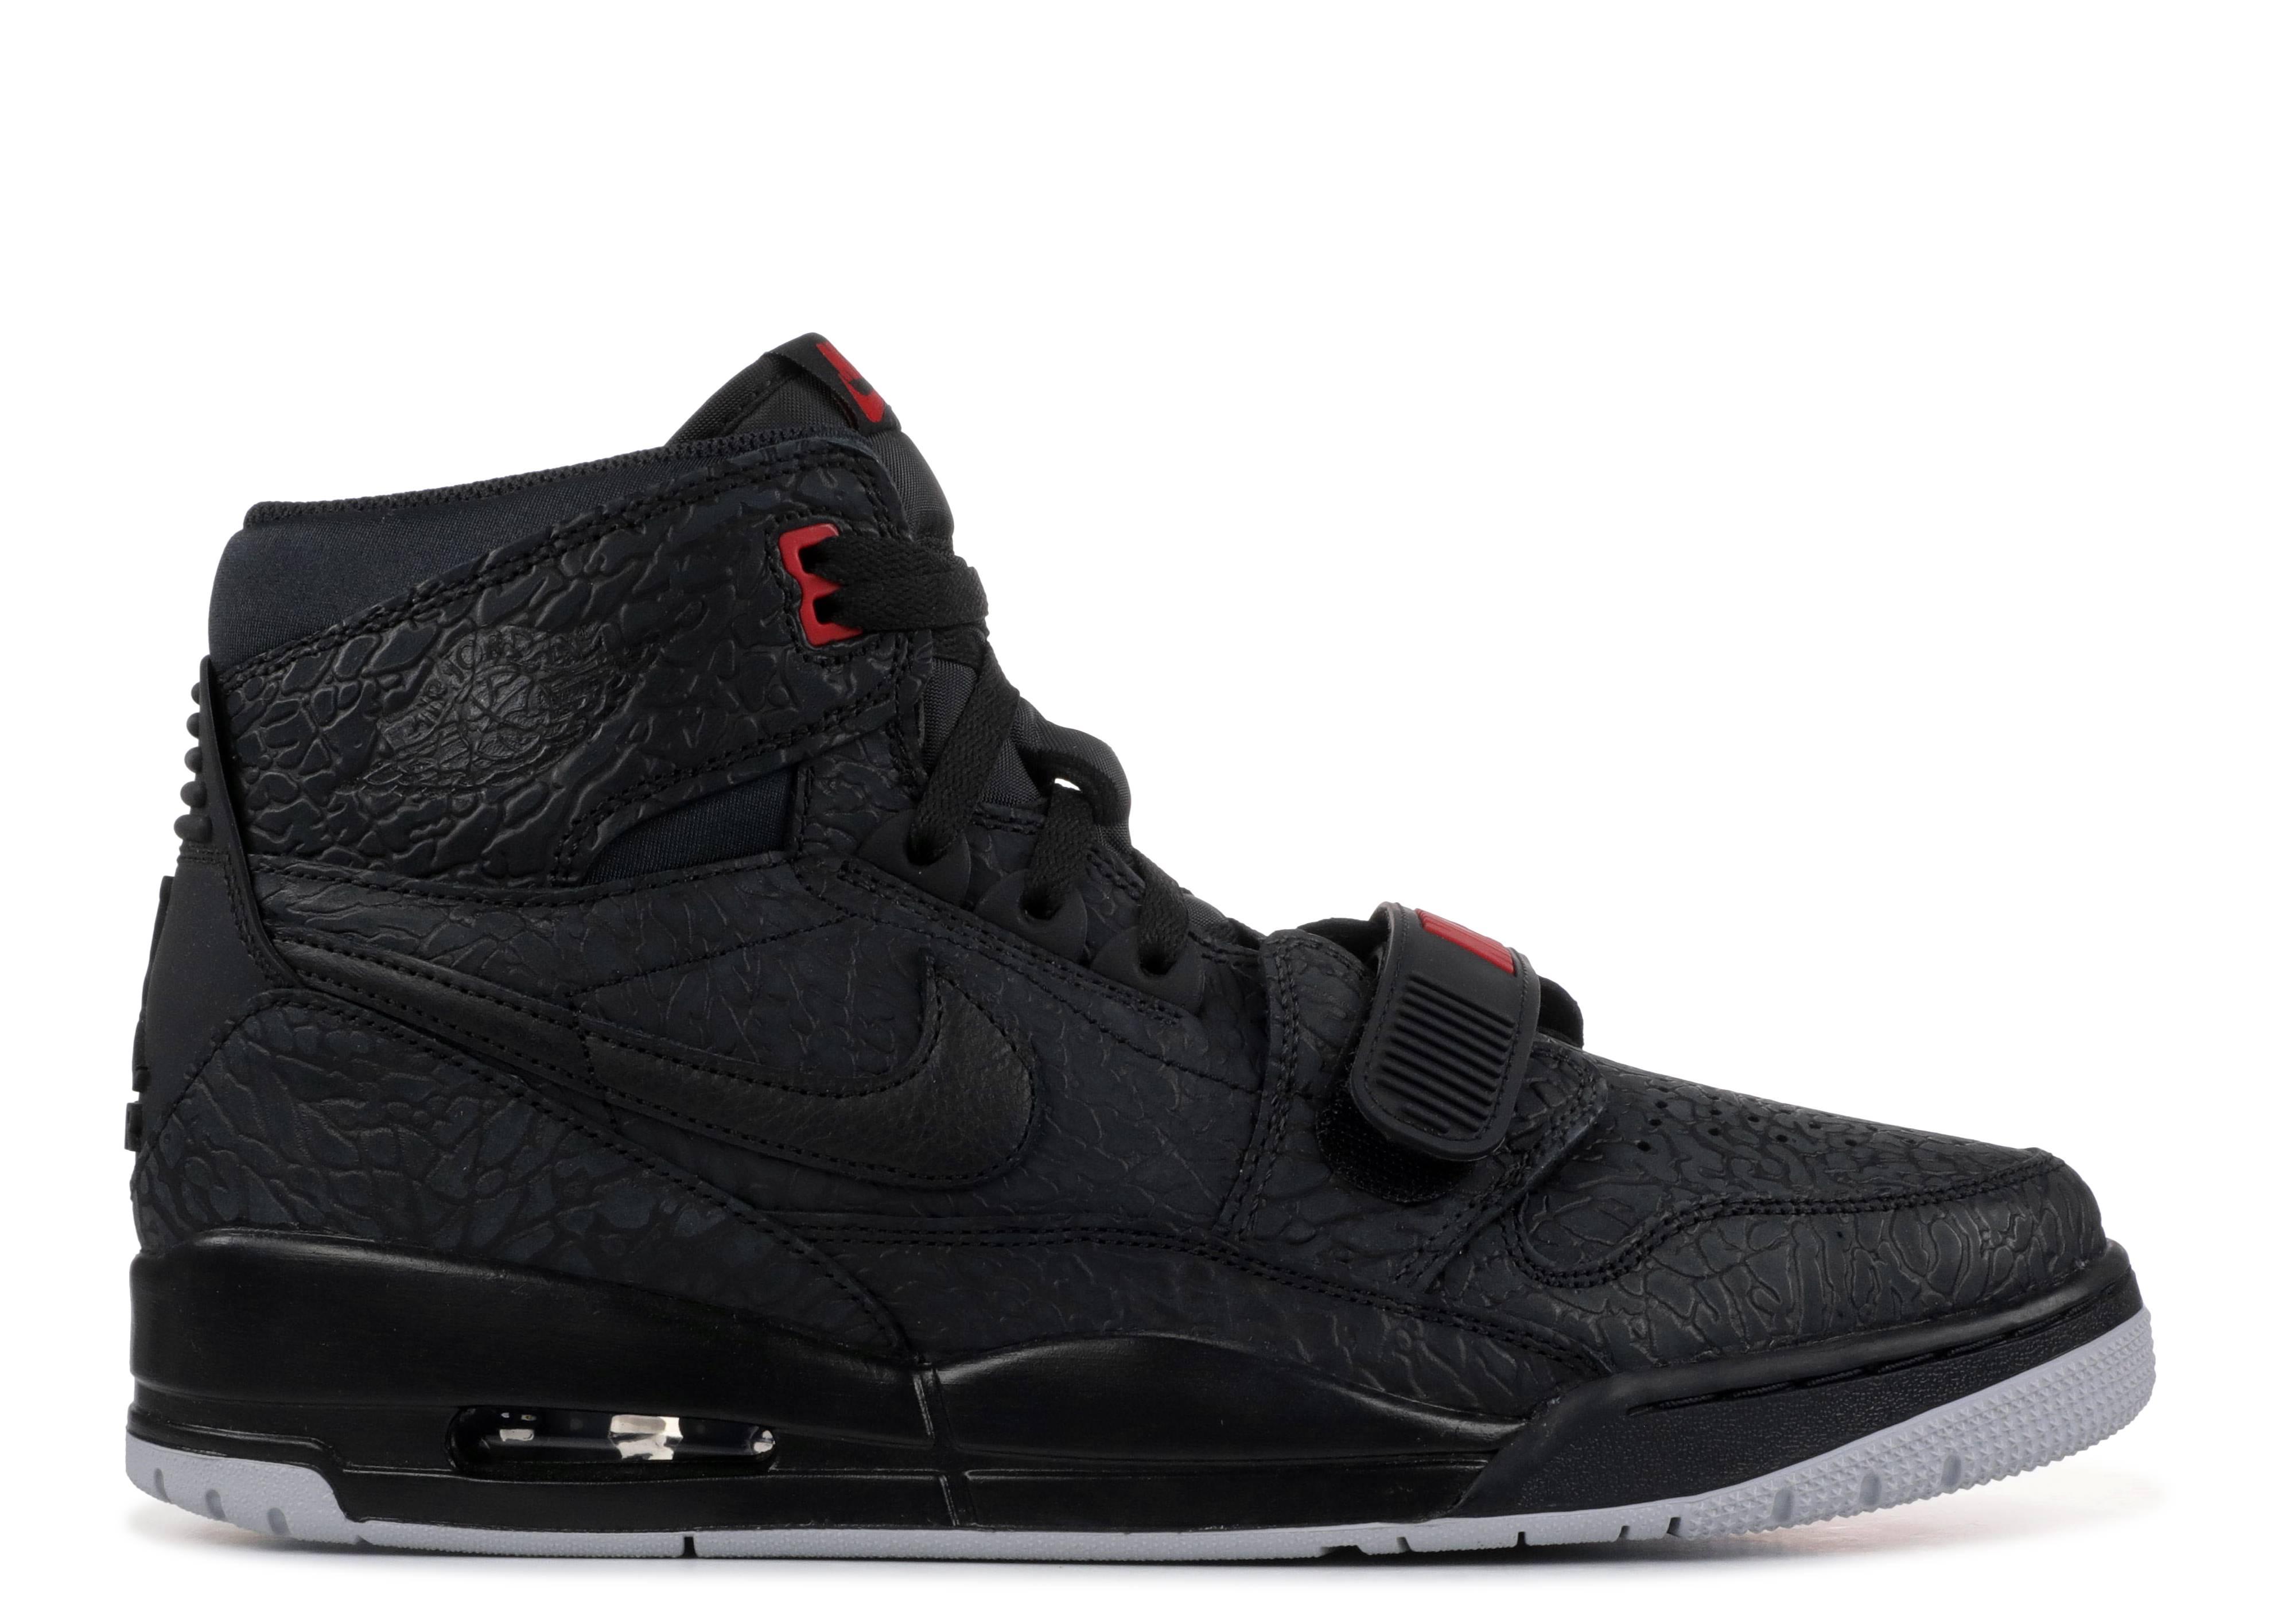 fb603a6dd90044 Other Jordans - Air Jordans